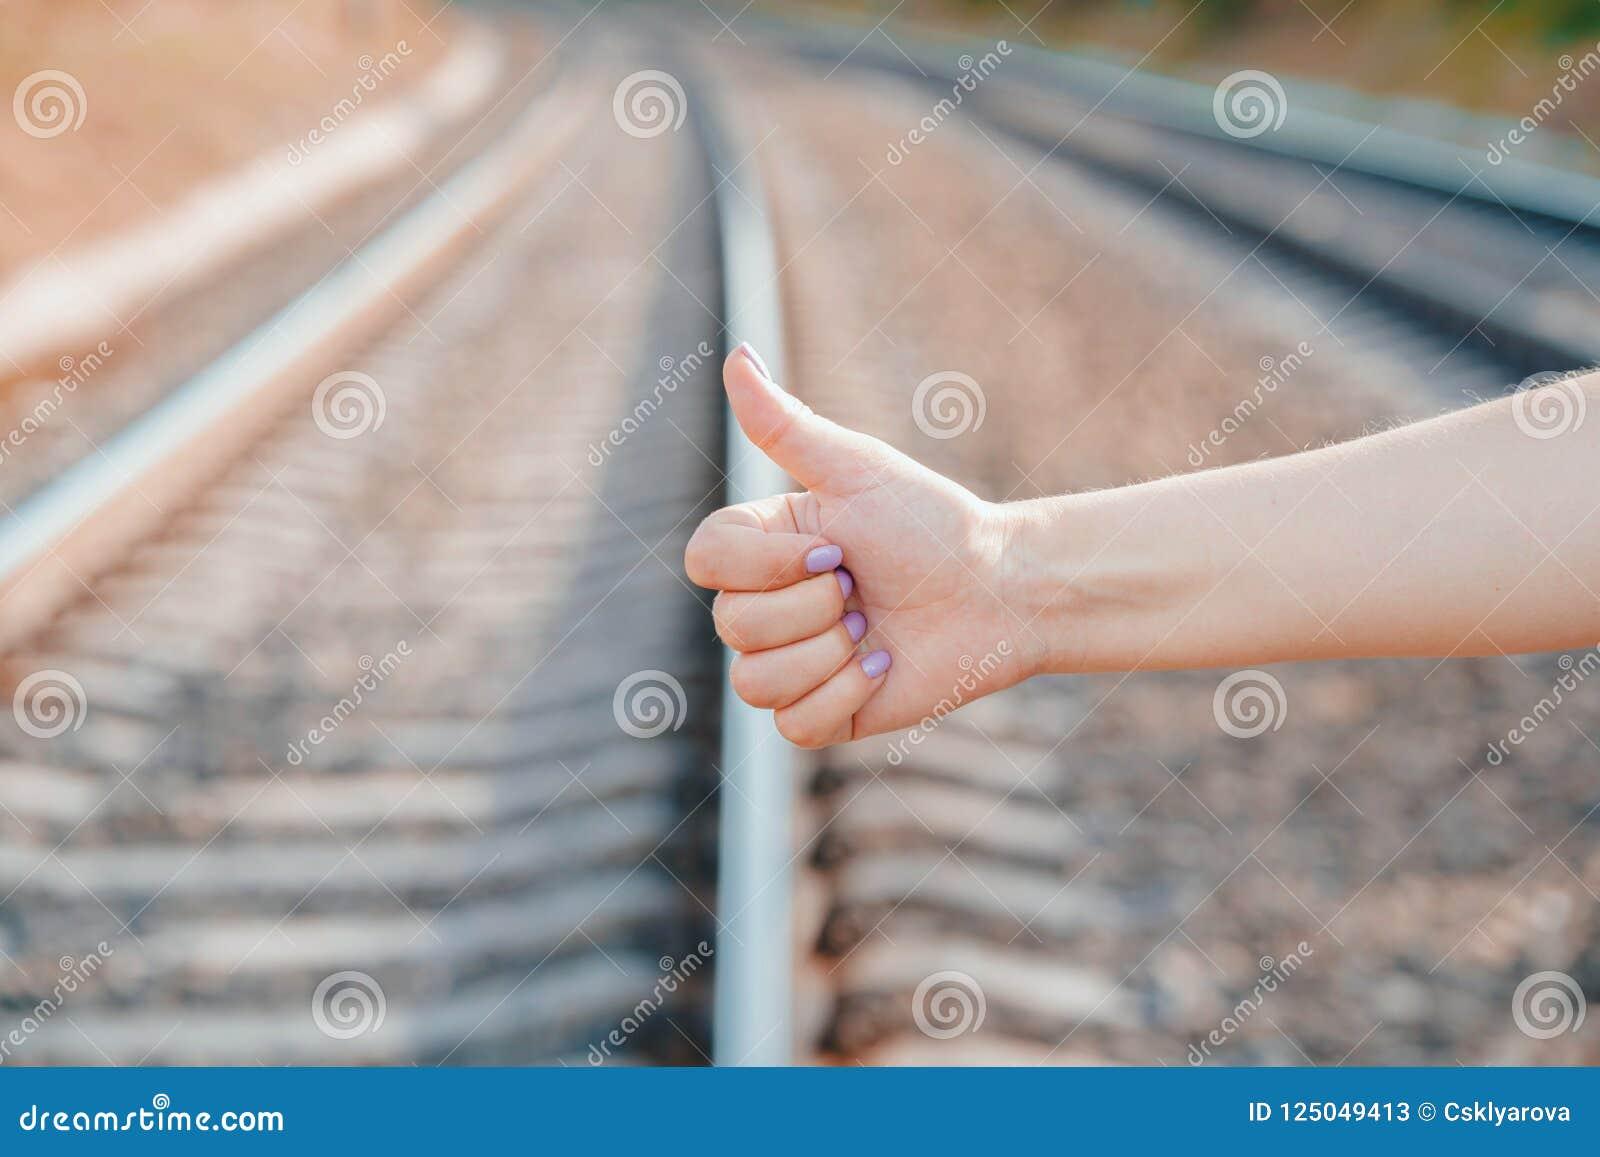 Ψηφοφορία για το δρόμο σιδηροδρόμων Κλείστε επάνω το θηλυκό χέρι με να κάνει ωτοστόπ τη χειρονομία